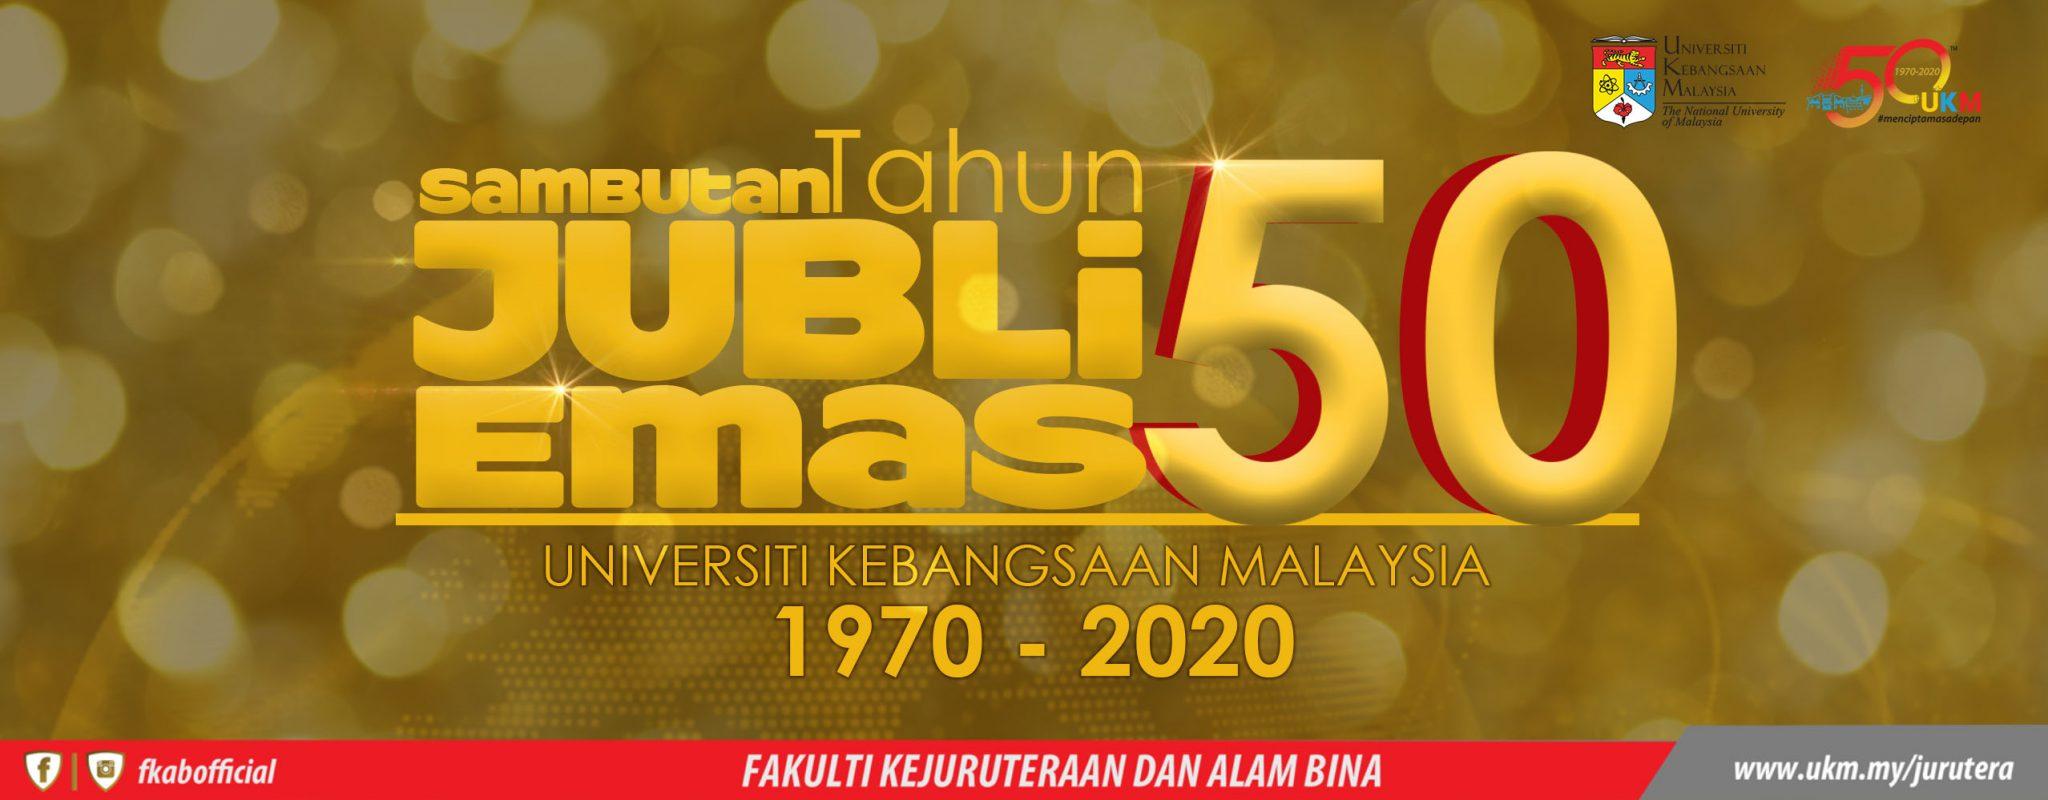 UKM 50 tahun